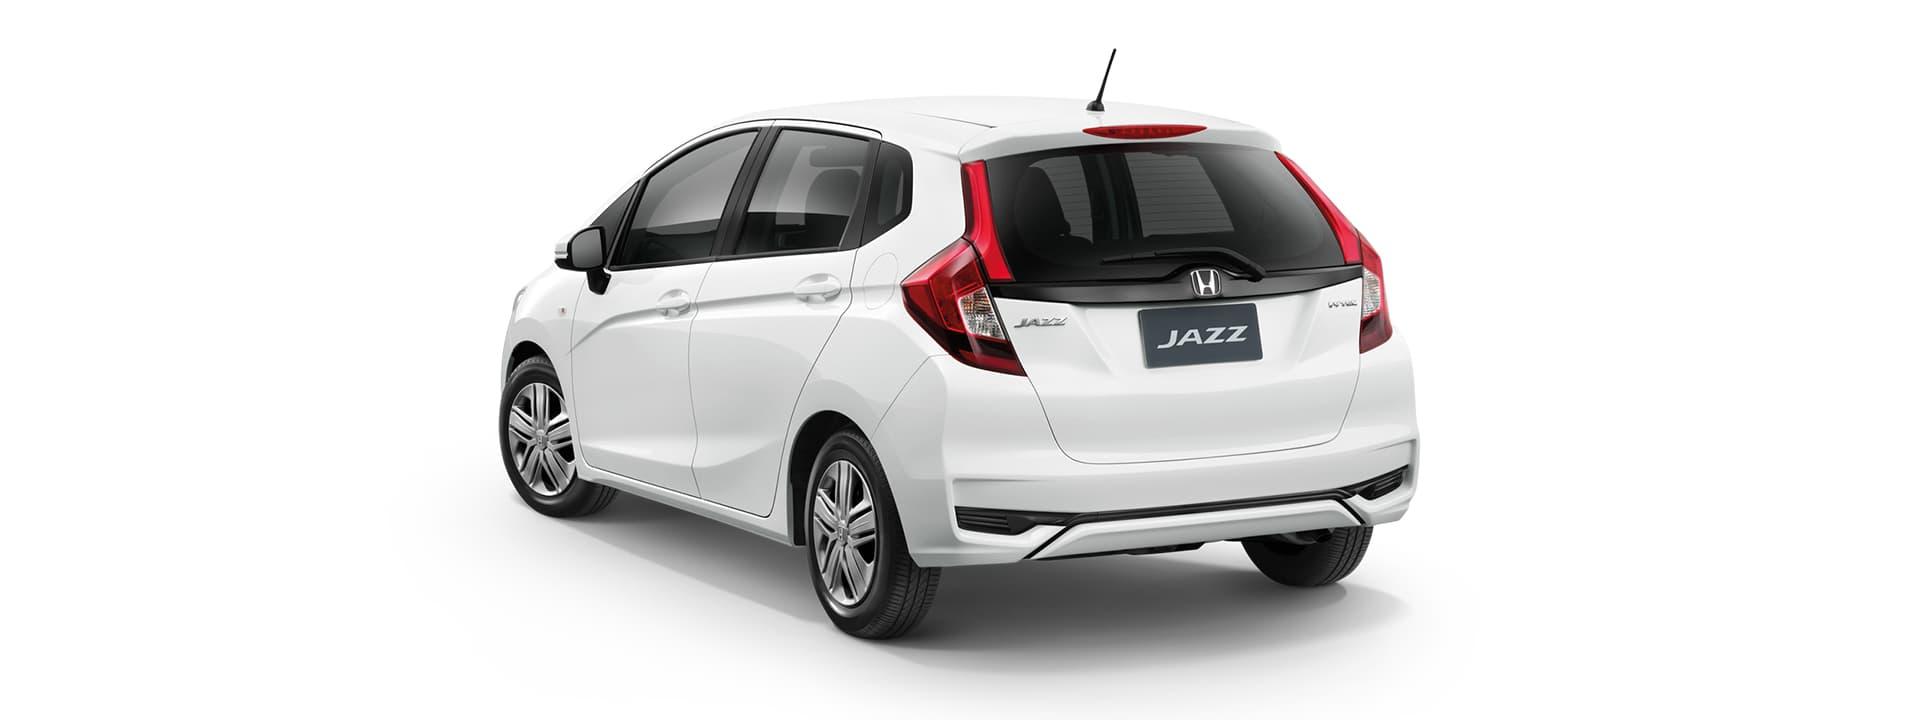 เงินเดือน 15,000 ผ่อนรถ New Honda Jazz 2020